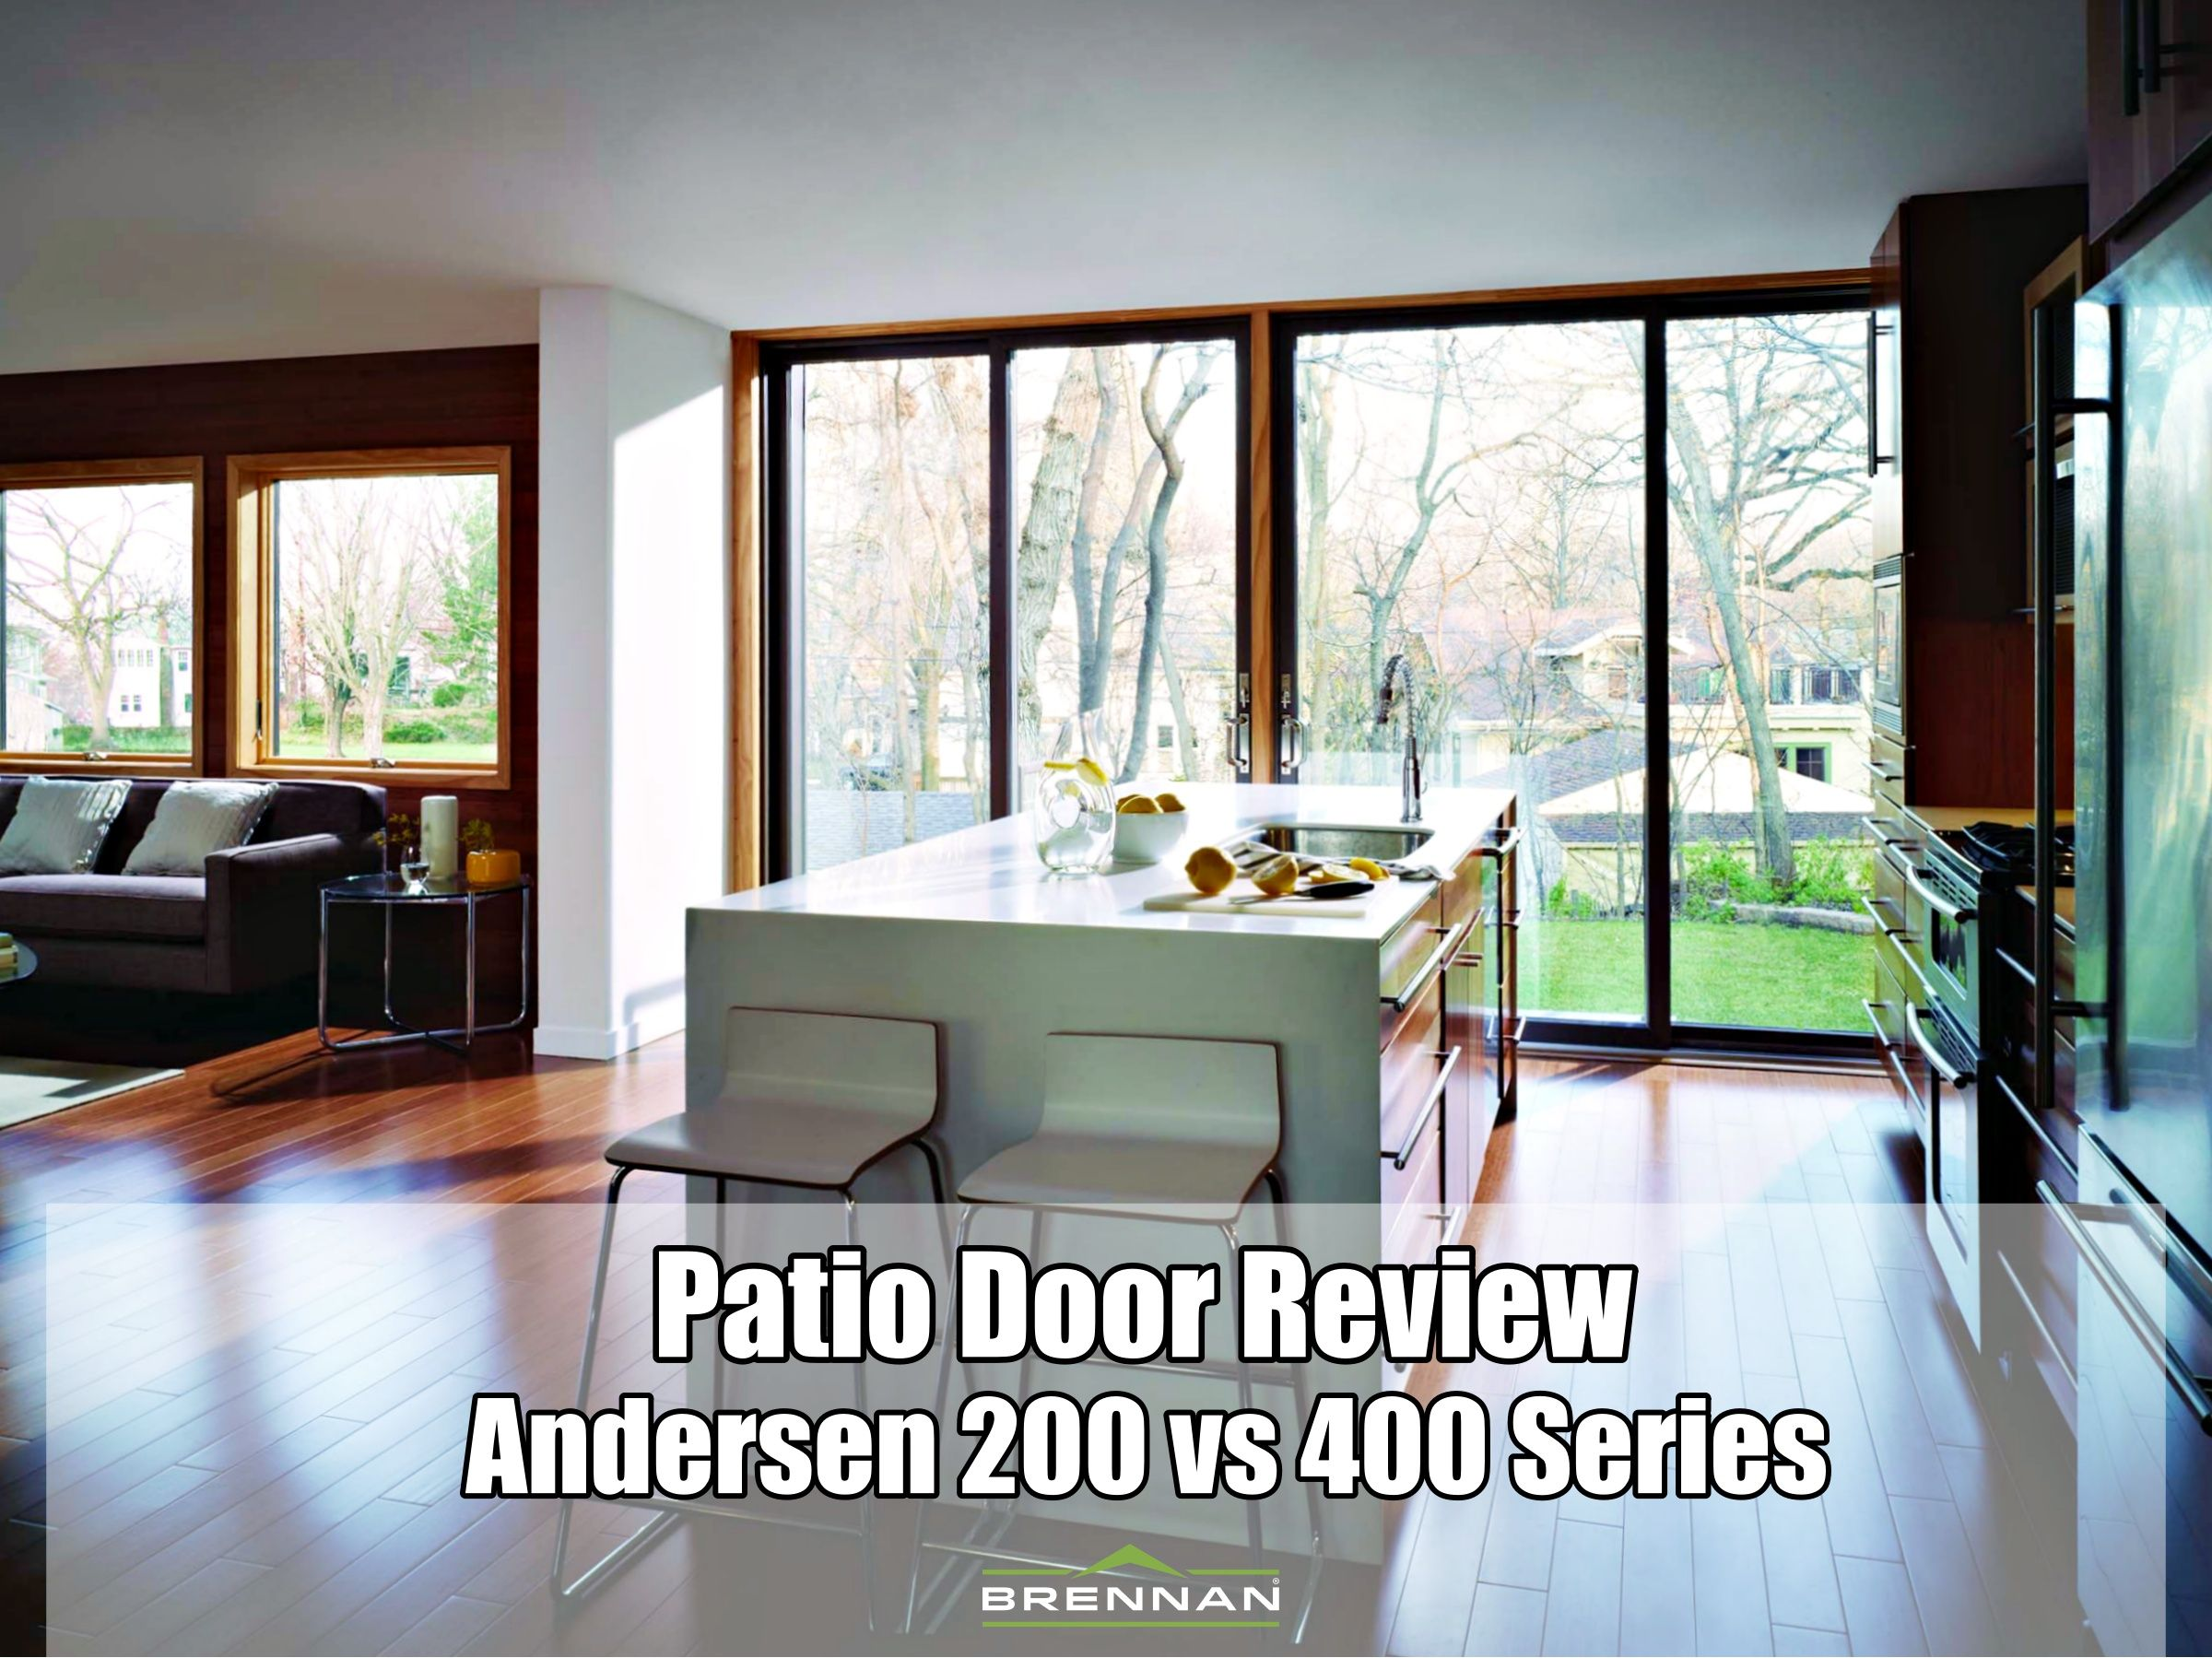 andersen 200 vs 400 series patio doors